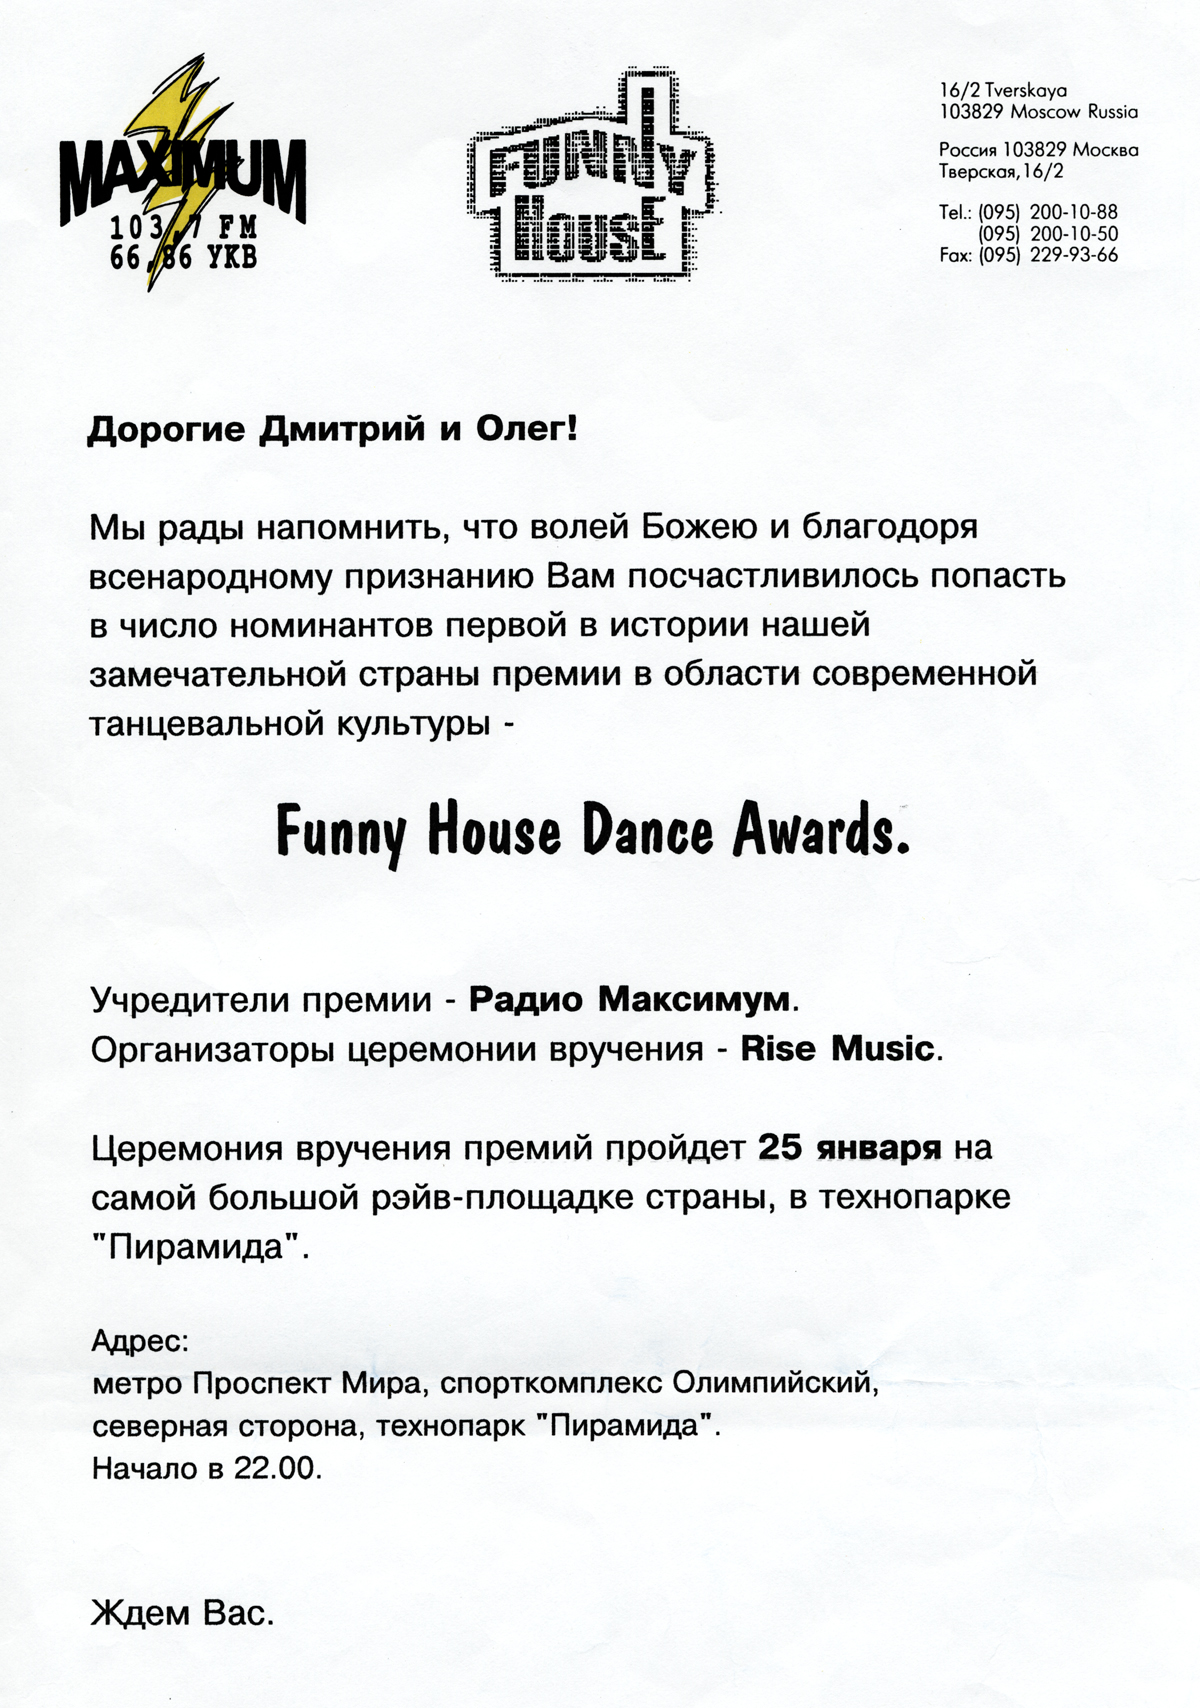 FunnyHouse-02.jpg